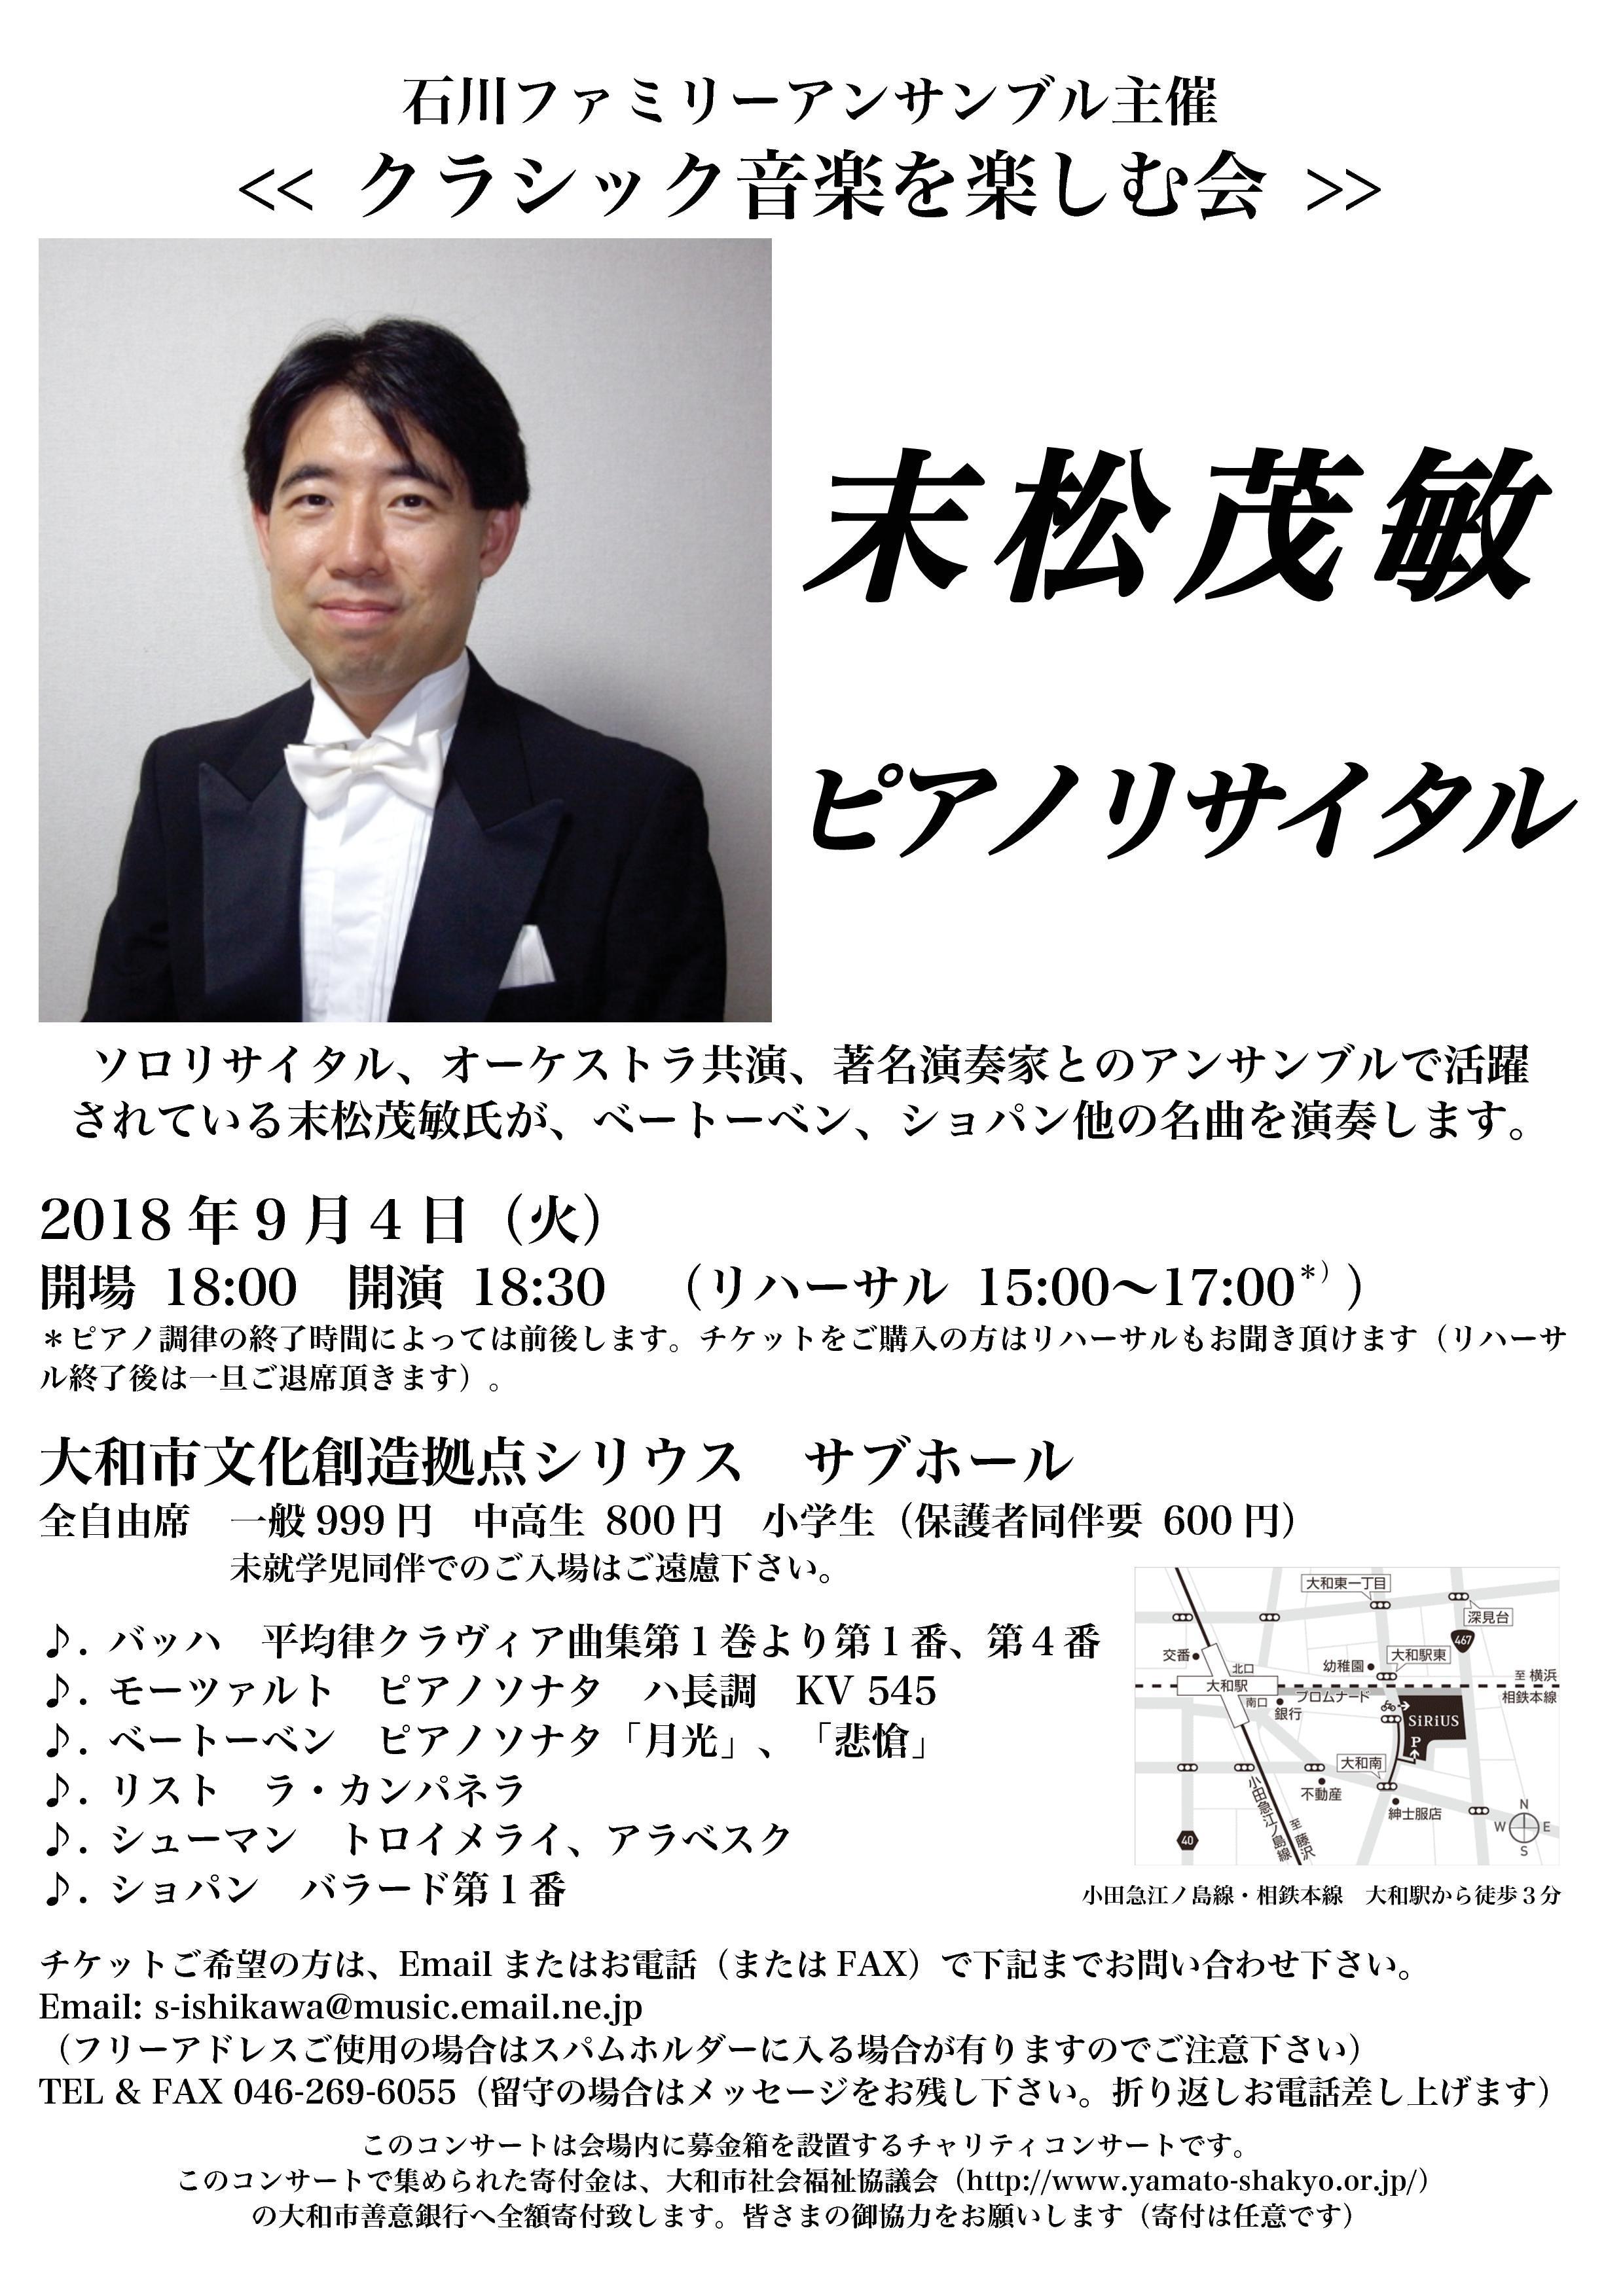 クラシック音楽を楽しむ会~末松茂敏ピアノリサイタル